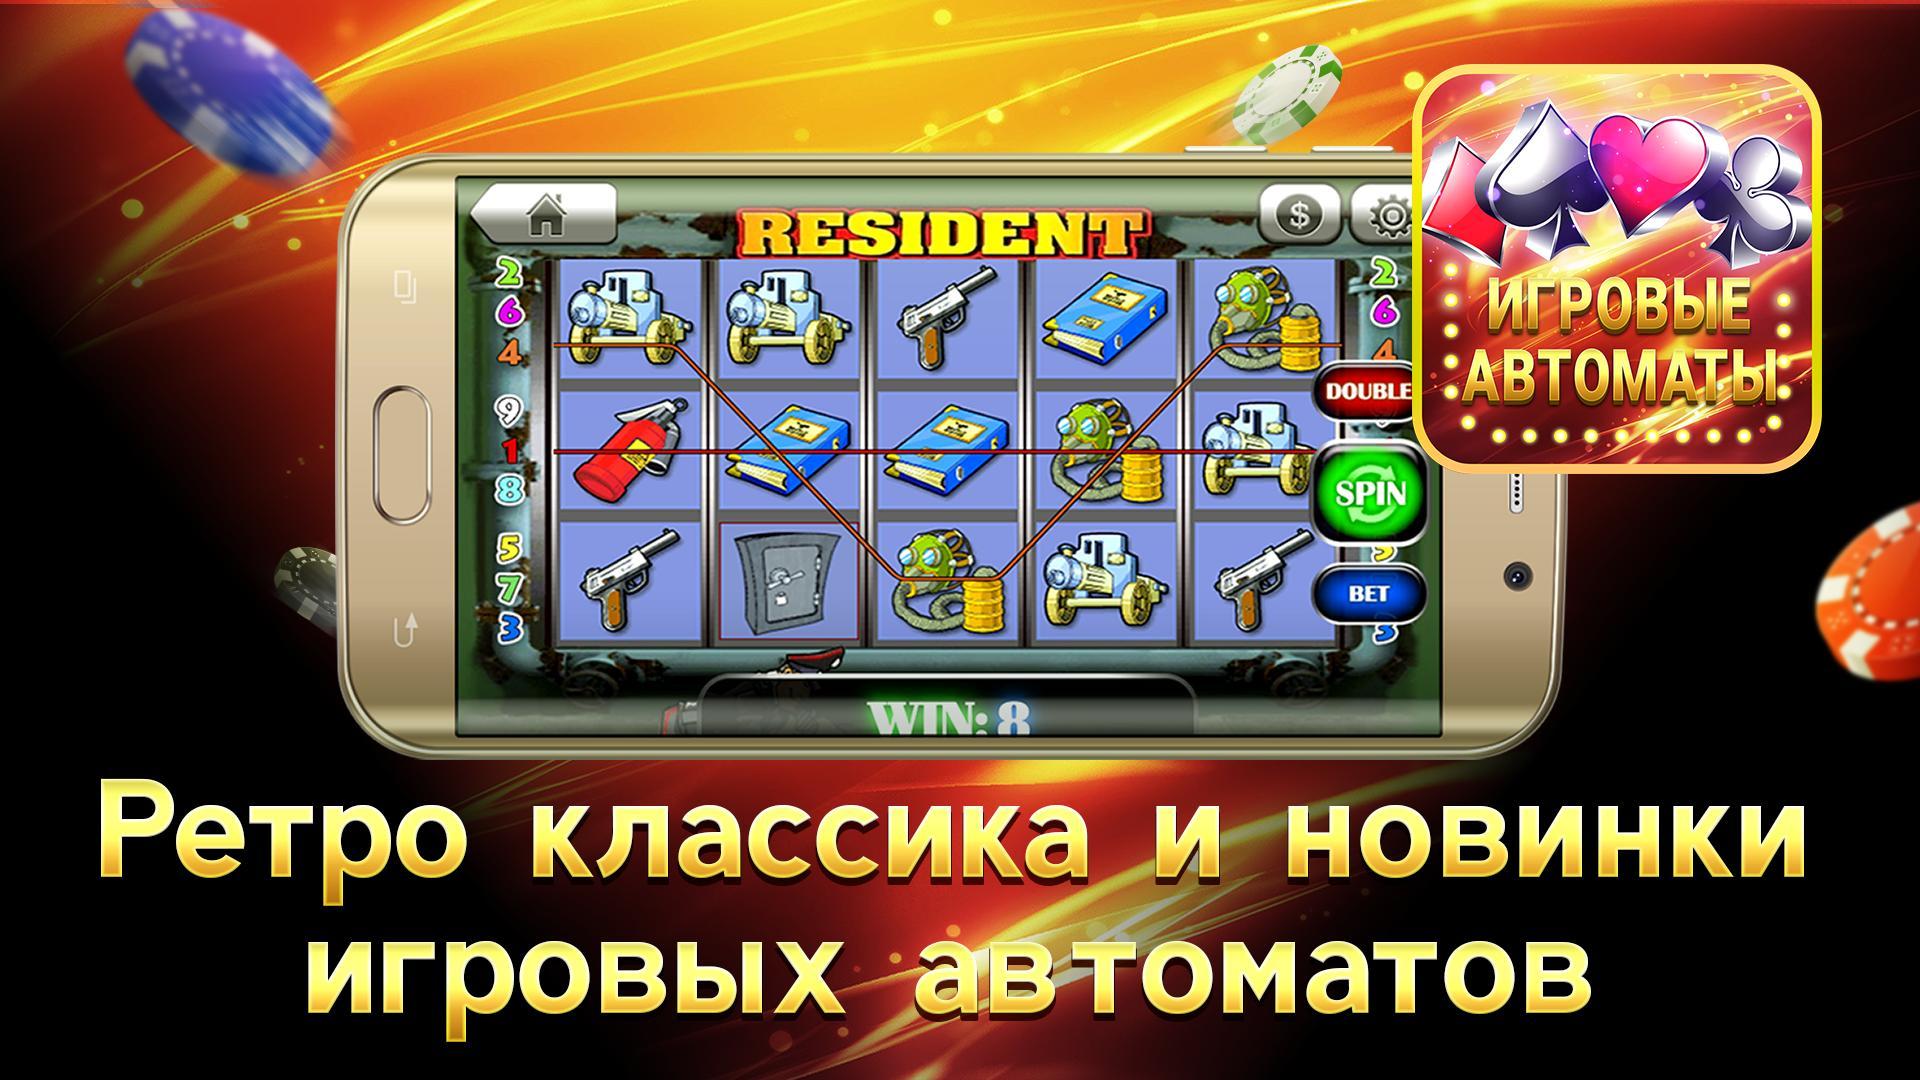 Игровые слоты новинки открыть онлайн казино сколько стоит